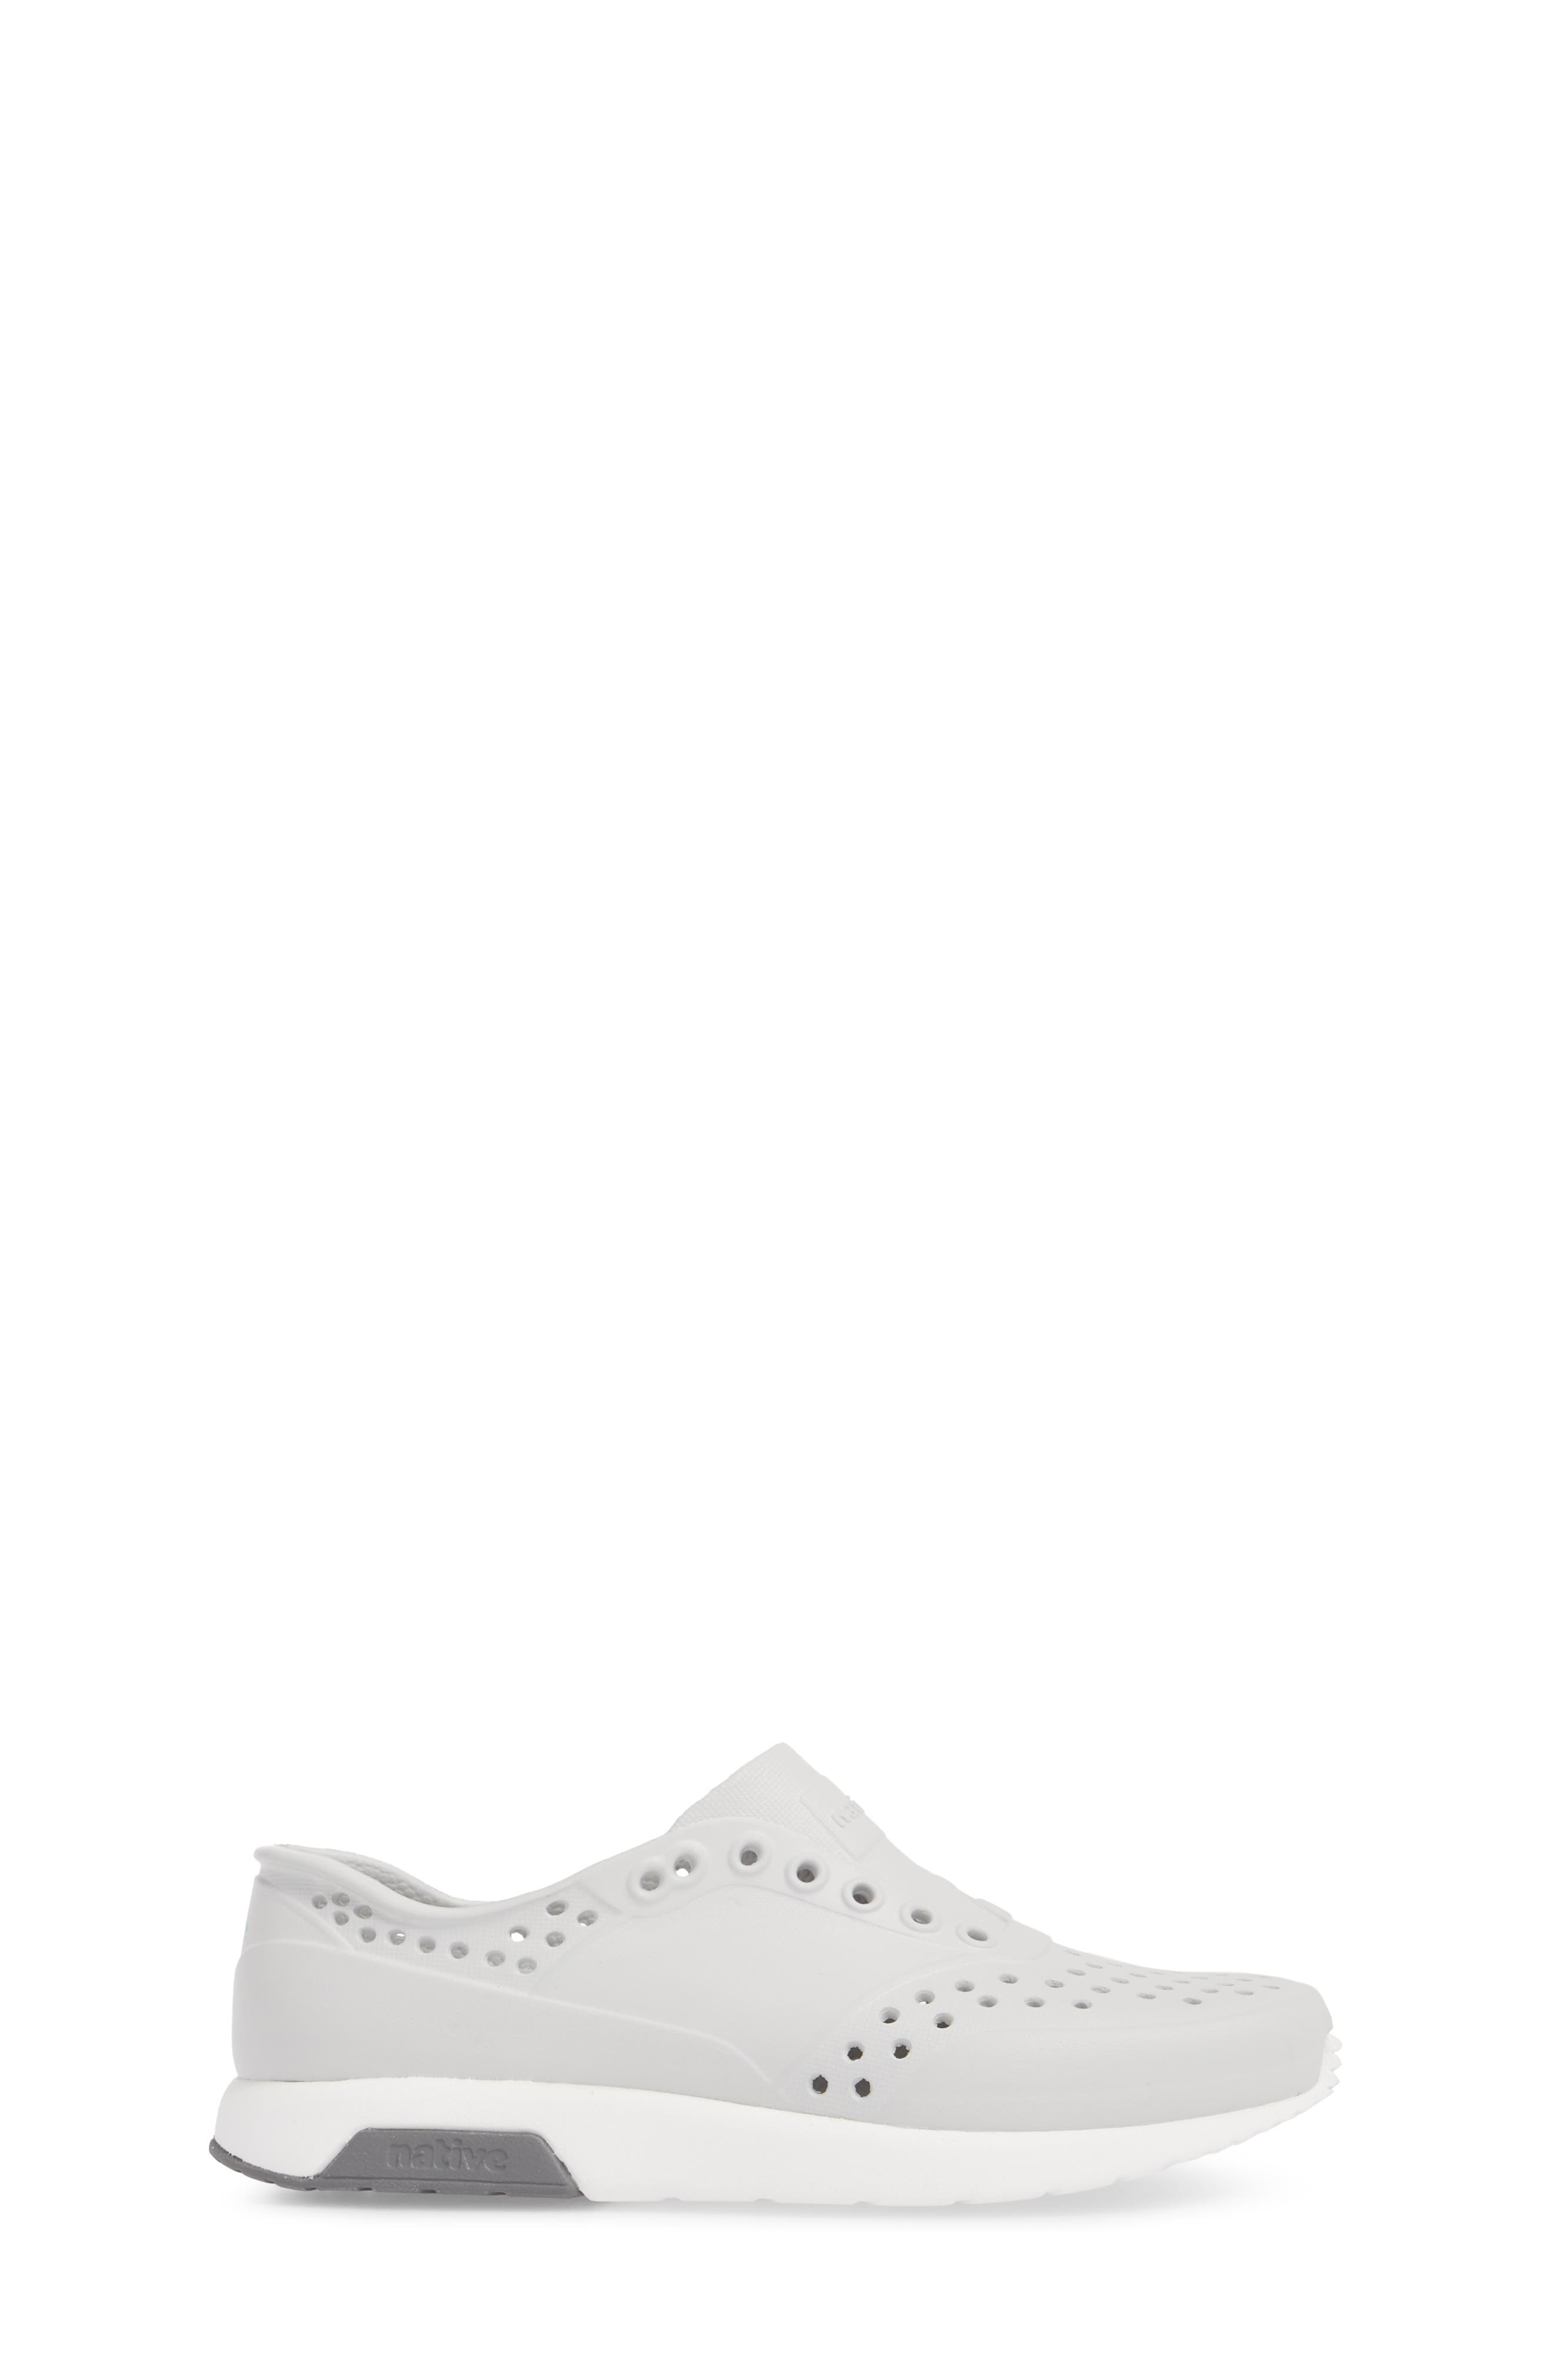 Lennox Slip-On Sneaker,                             Alternate thumbnail 3, color,                             MIST GREY/ WHITE/ DUBLIN GREY